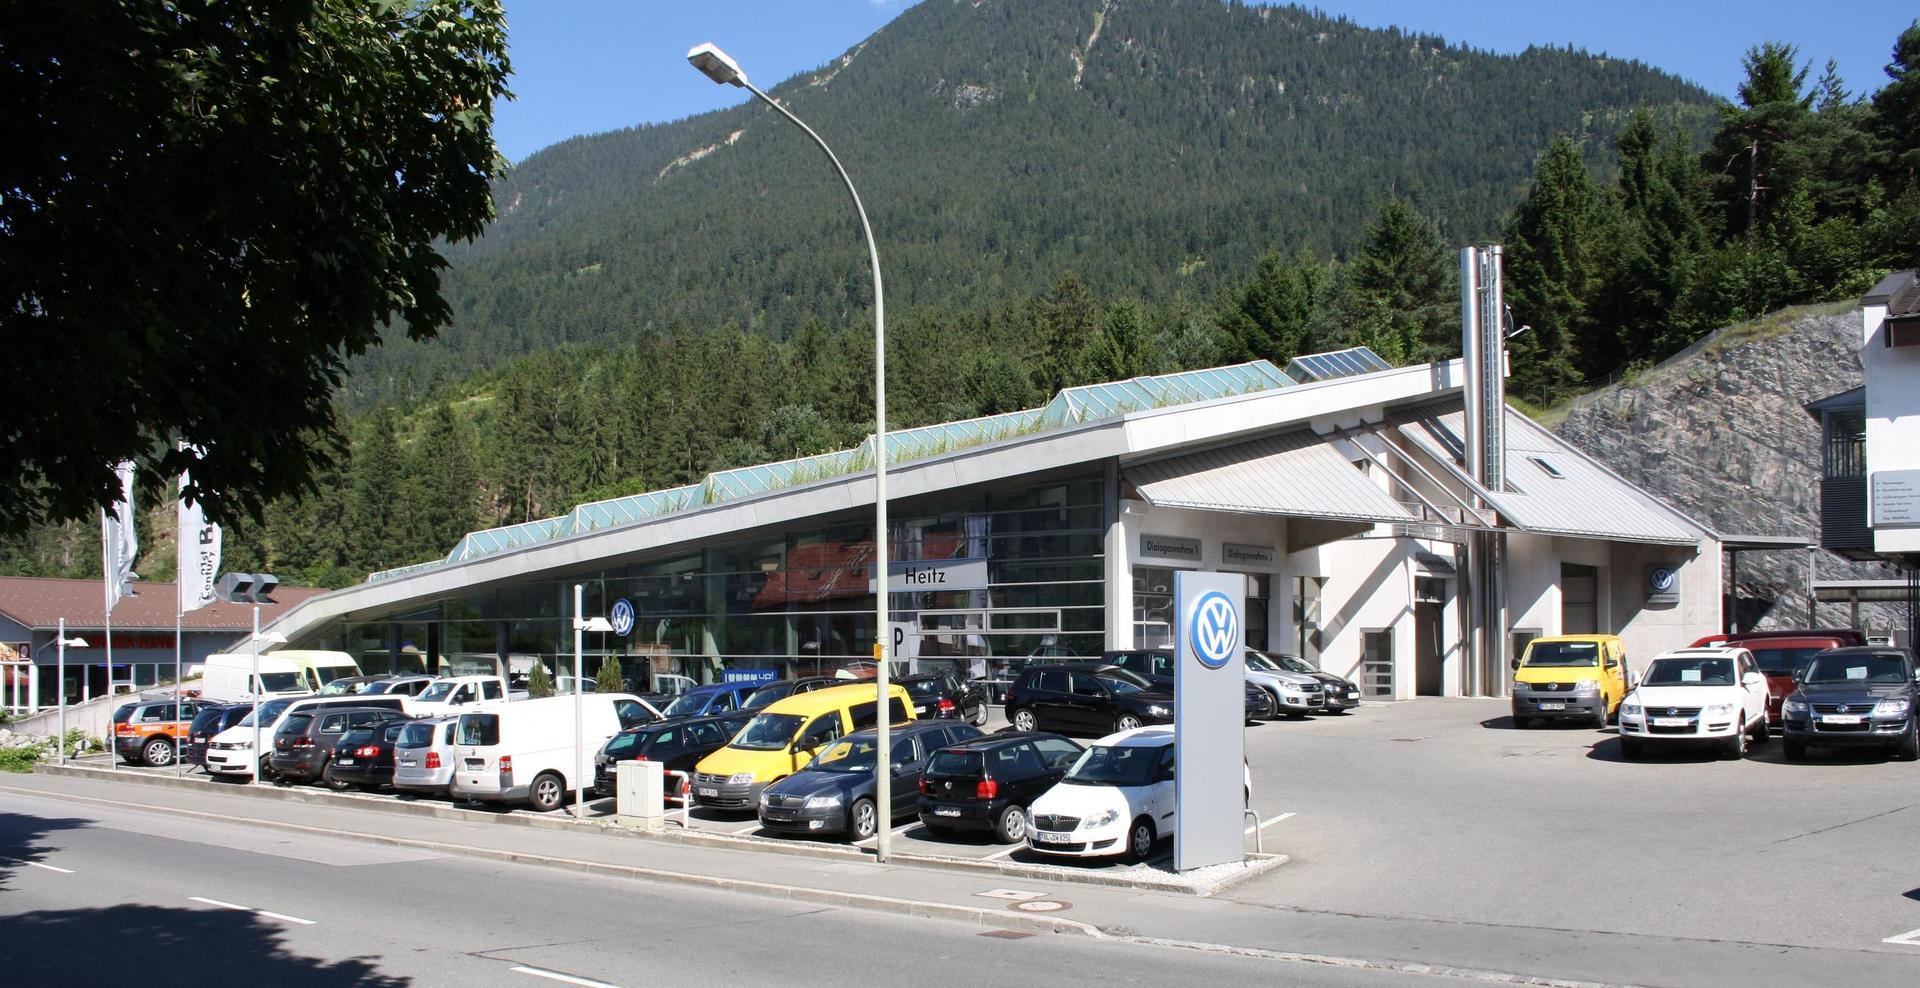 Heitz Garmisch